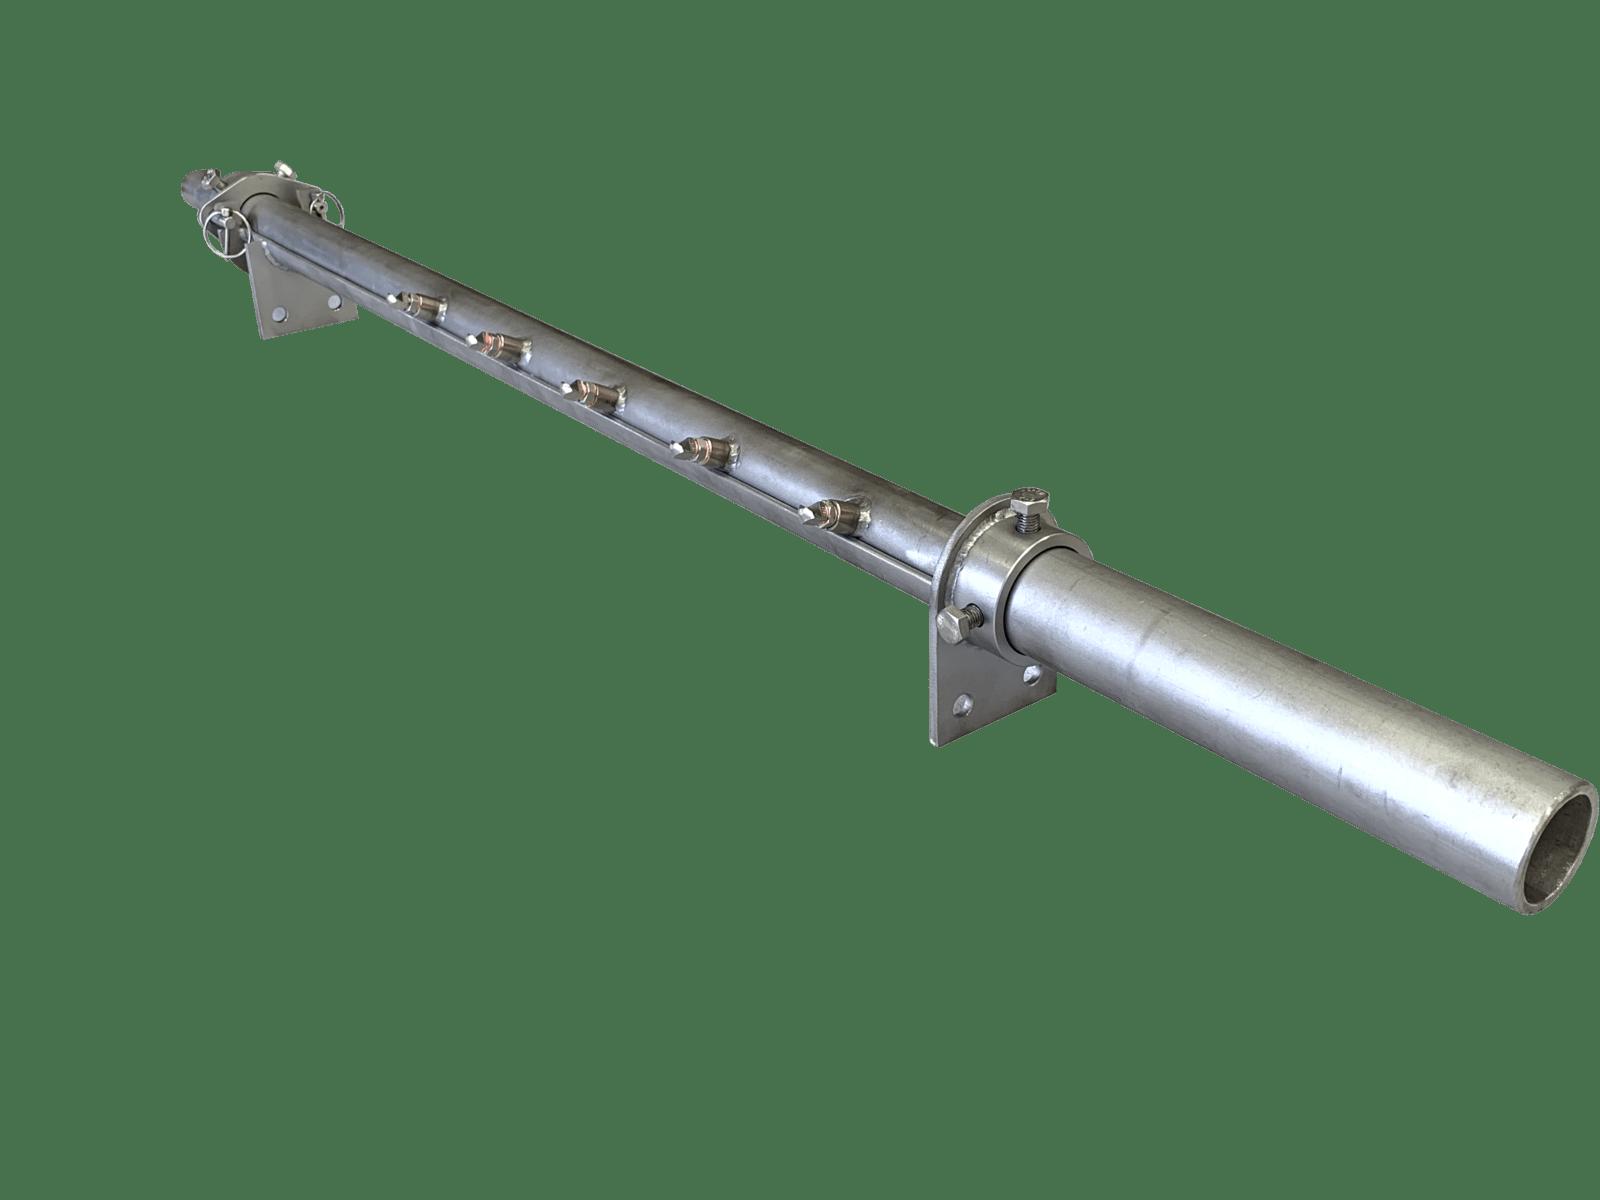 DYNAFastFit Spray Bar2 DYNA Engineering